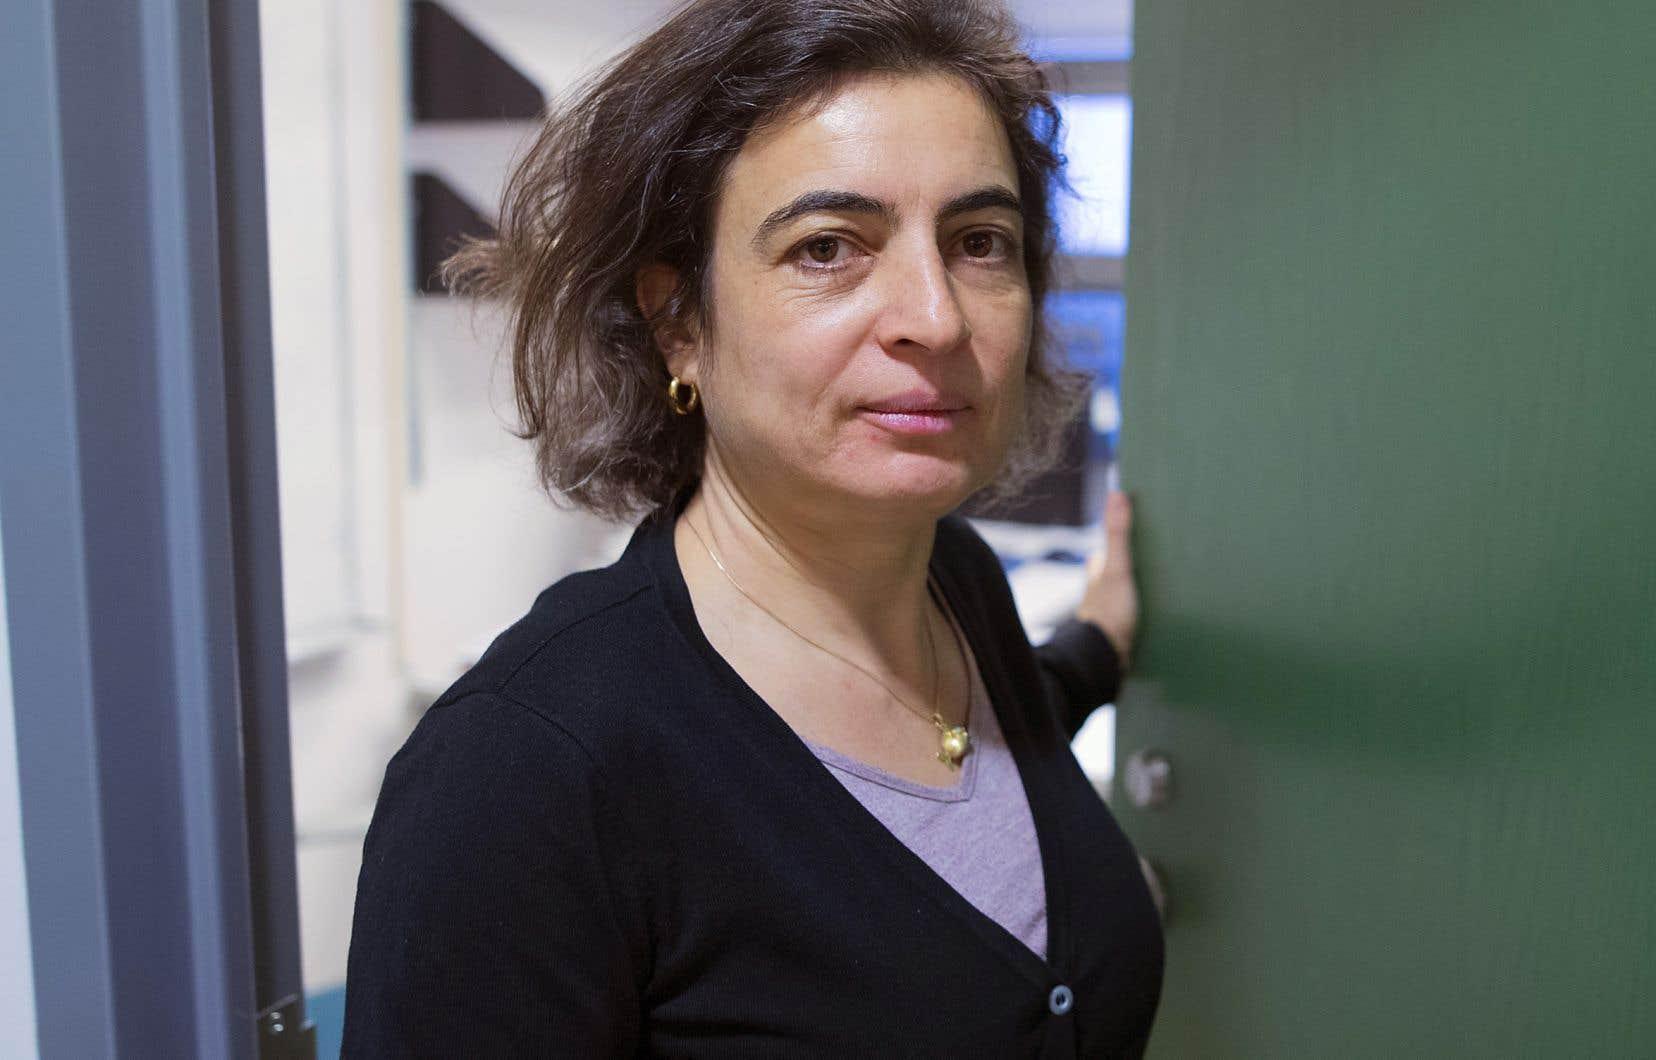 Nadia El-Mabrouk, une professeure du département d'informatique de l'Université de Montréal, était une des plus vives opposantes au cours.